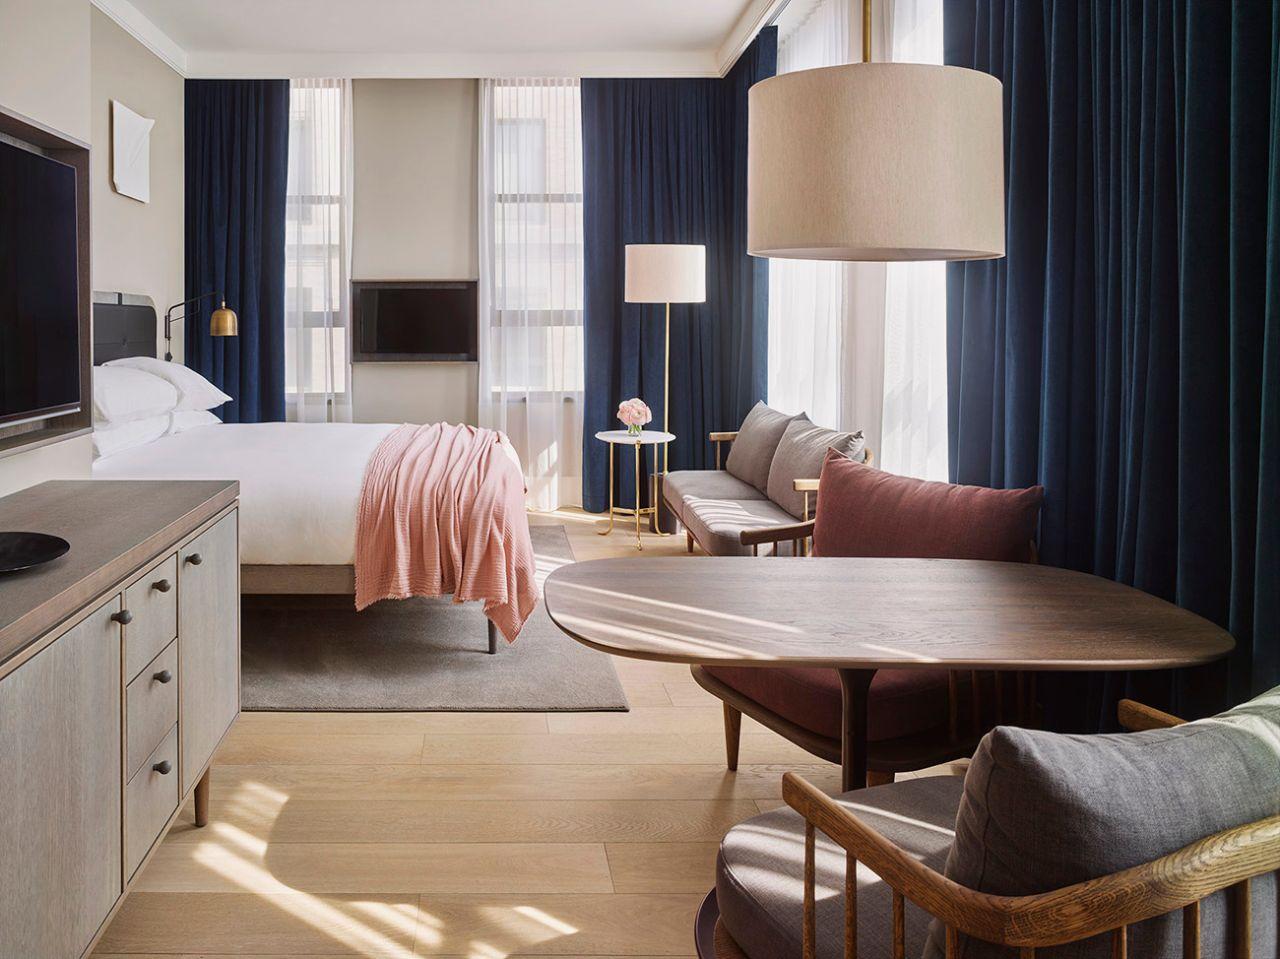 mẫu thiết kế nội thất phòng ngủ bắc âu ấn tượng